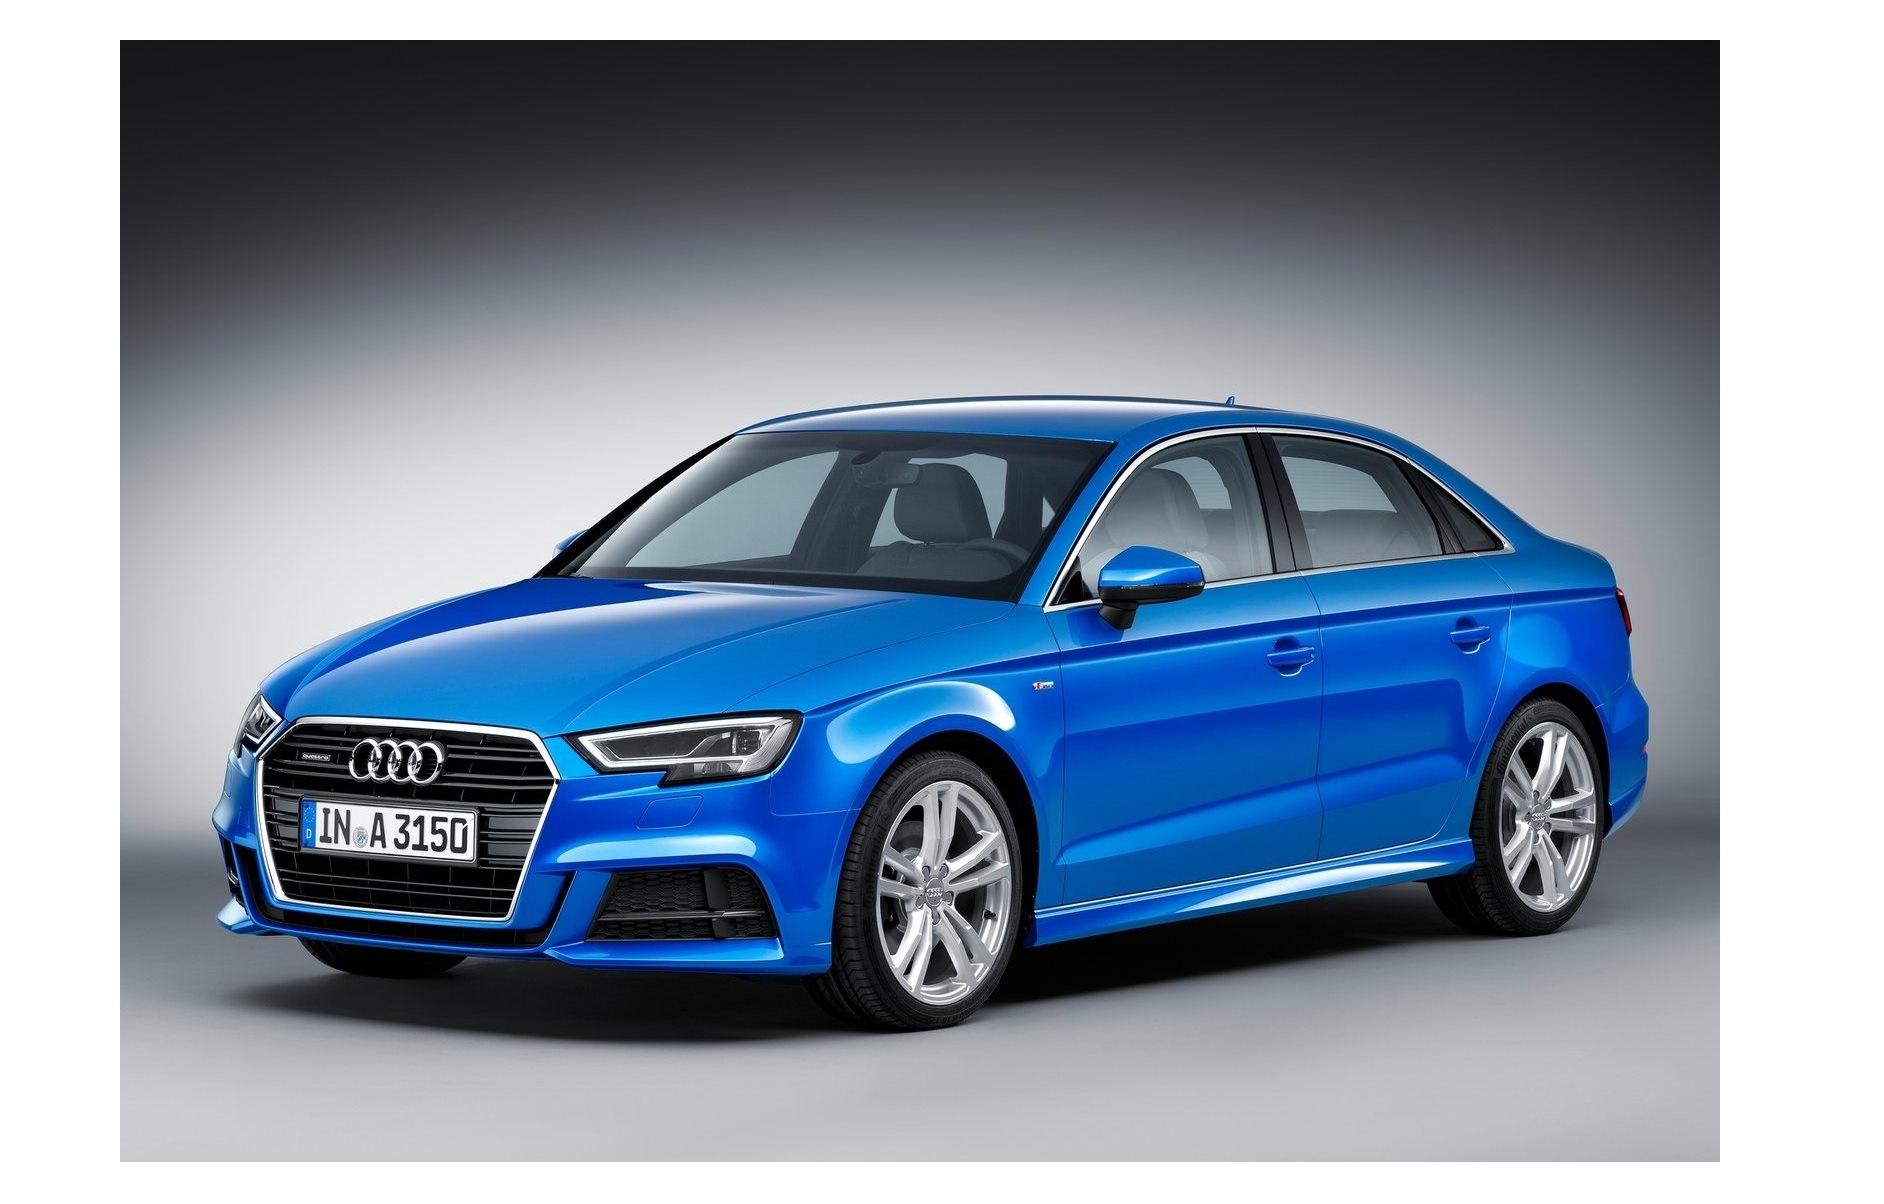 Kelebihan Kekurangan Audi A3 Sedan 2019 Perbandingan Harga